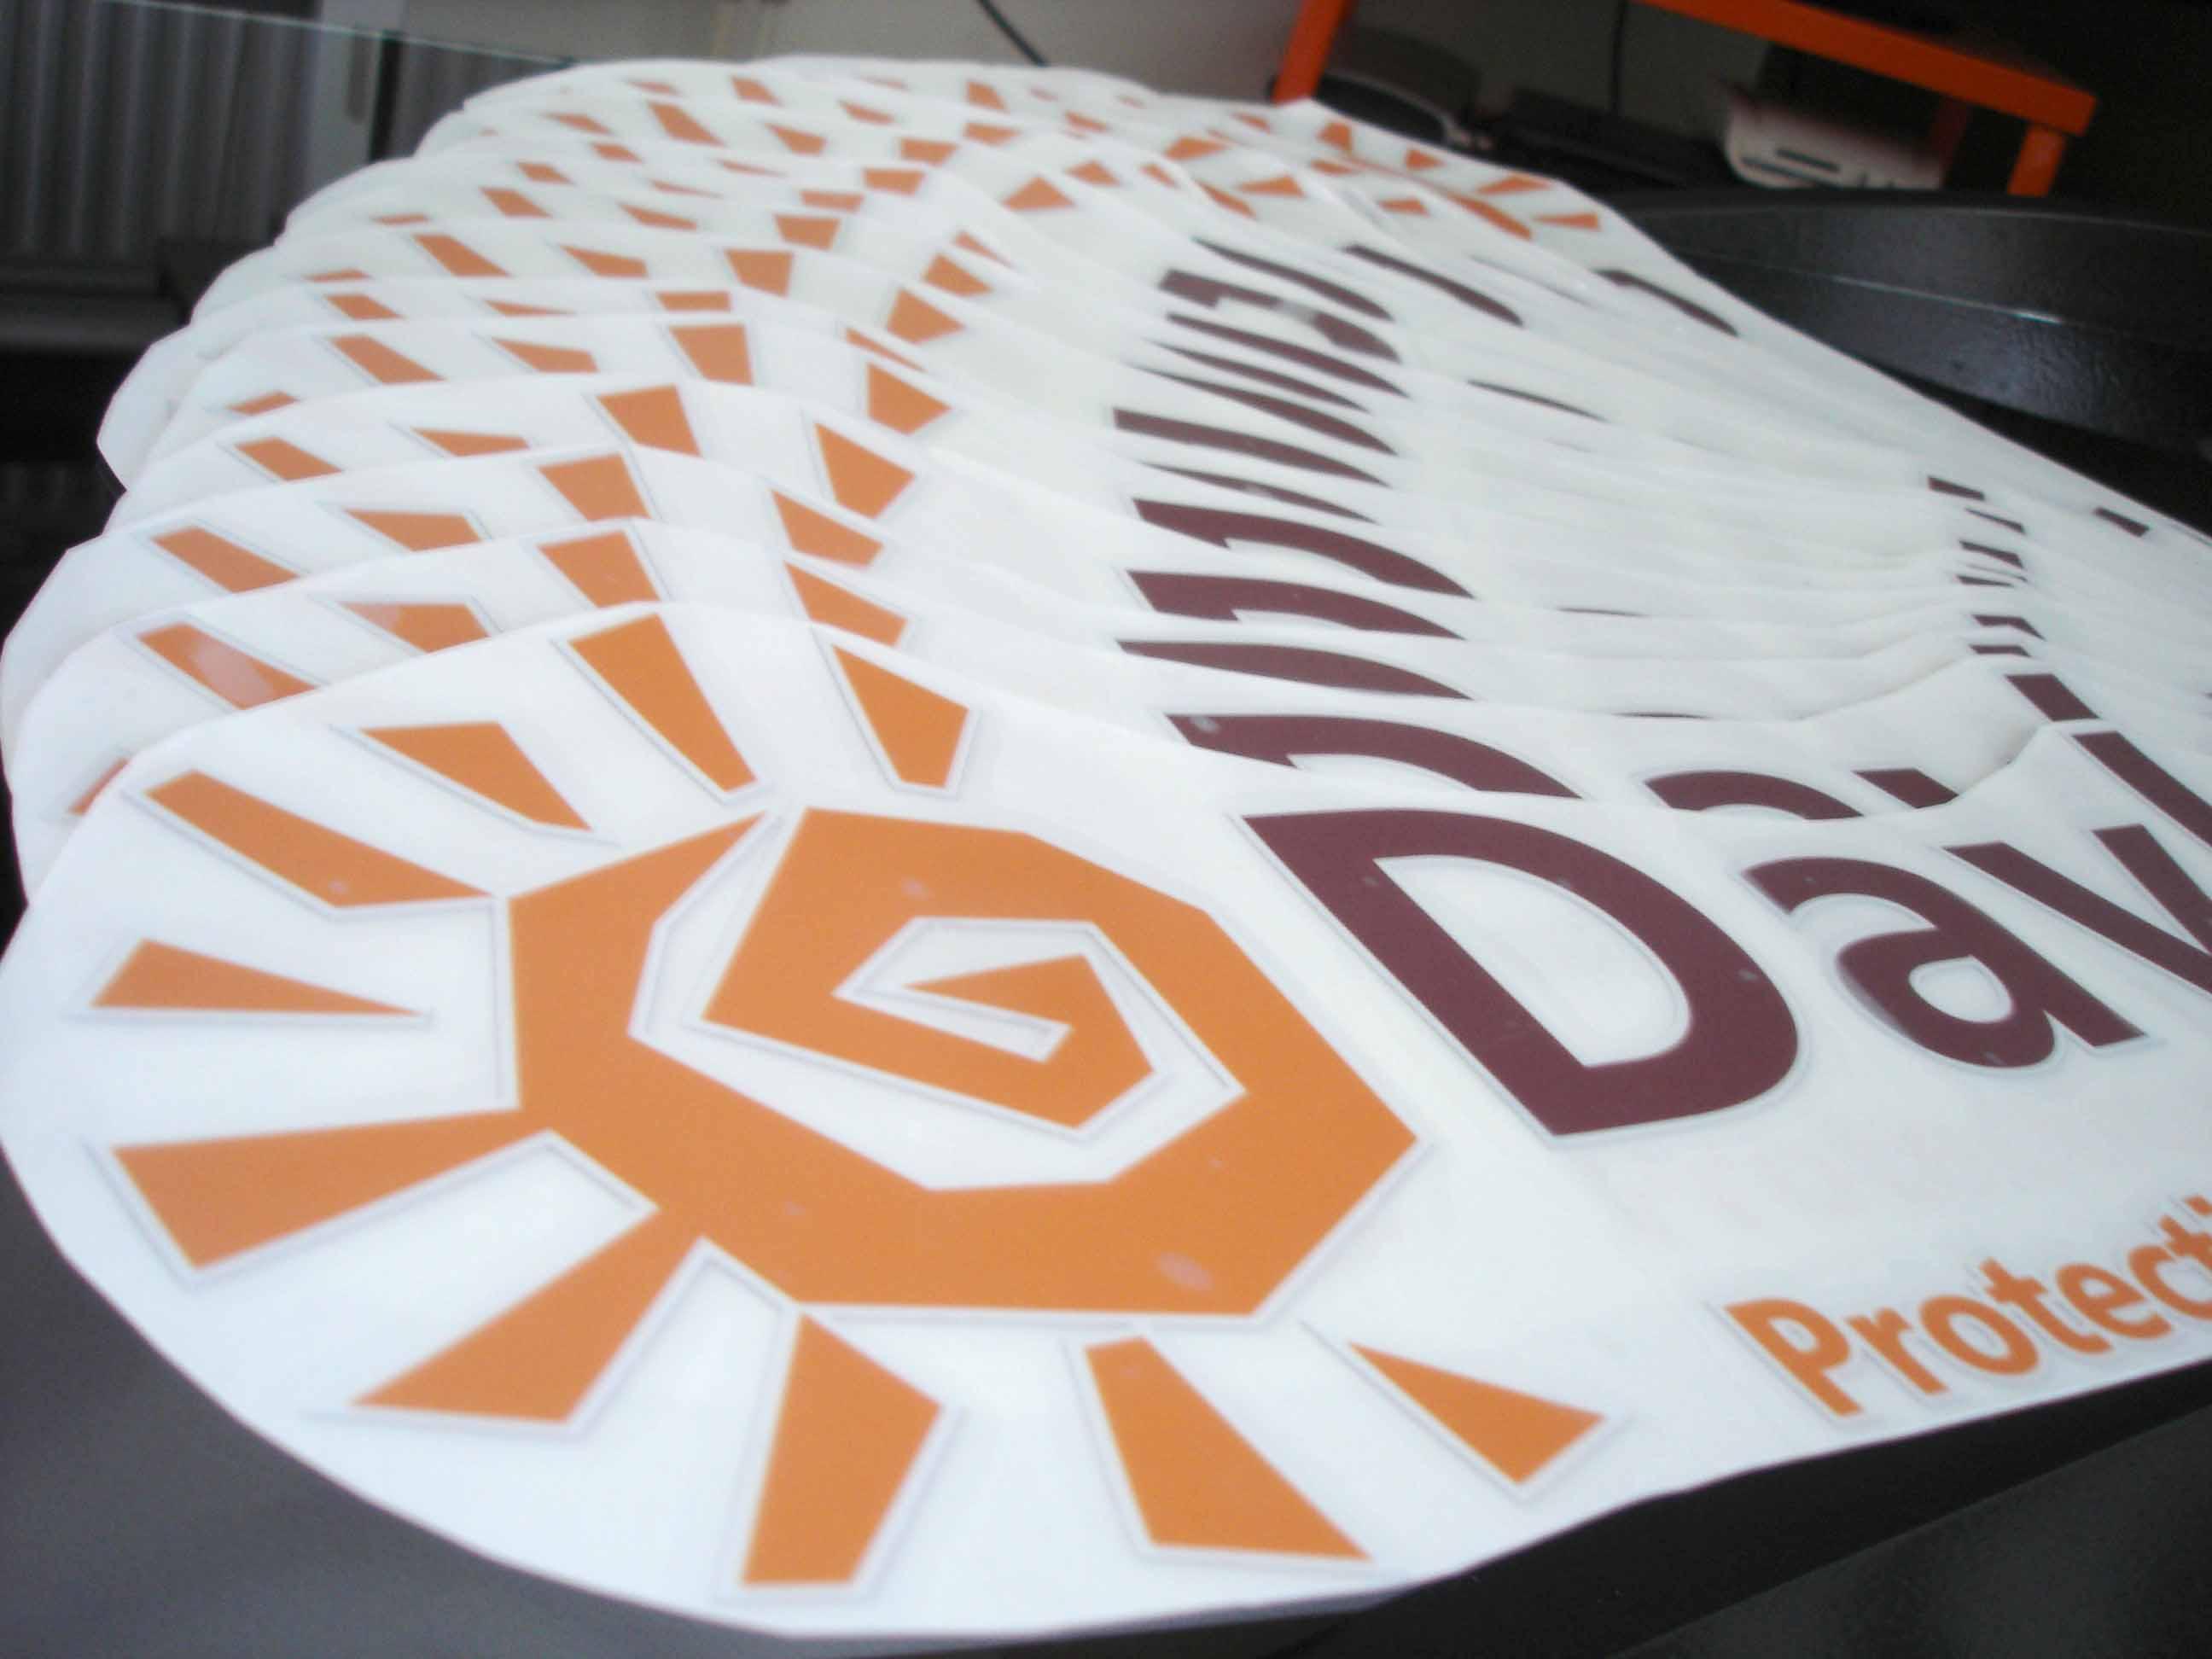 Impression stickers logos quadri en petite quantité fournis avec transferts de pose pour marquage publicitaire véhicule société à Nancy